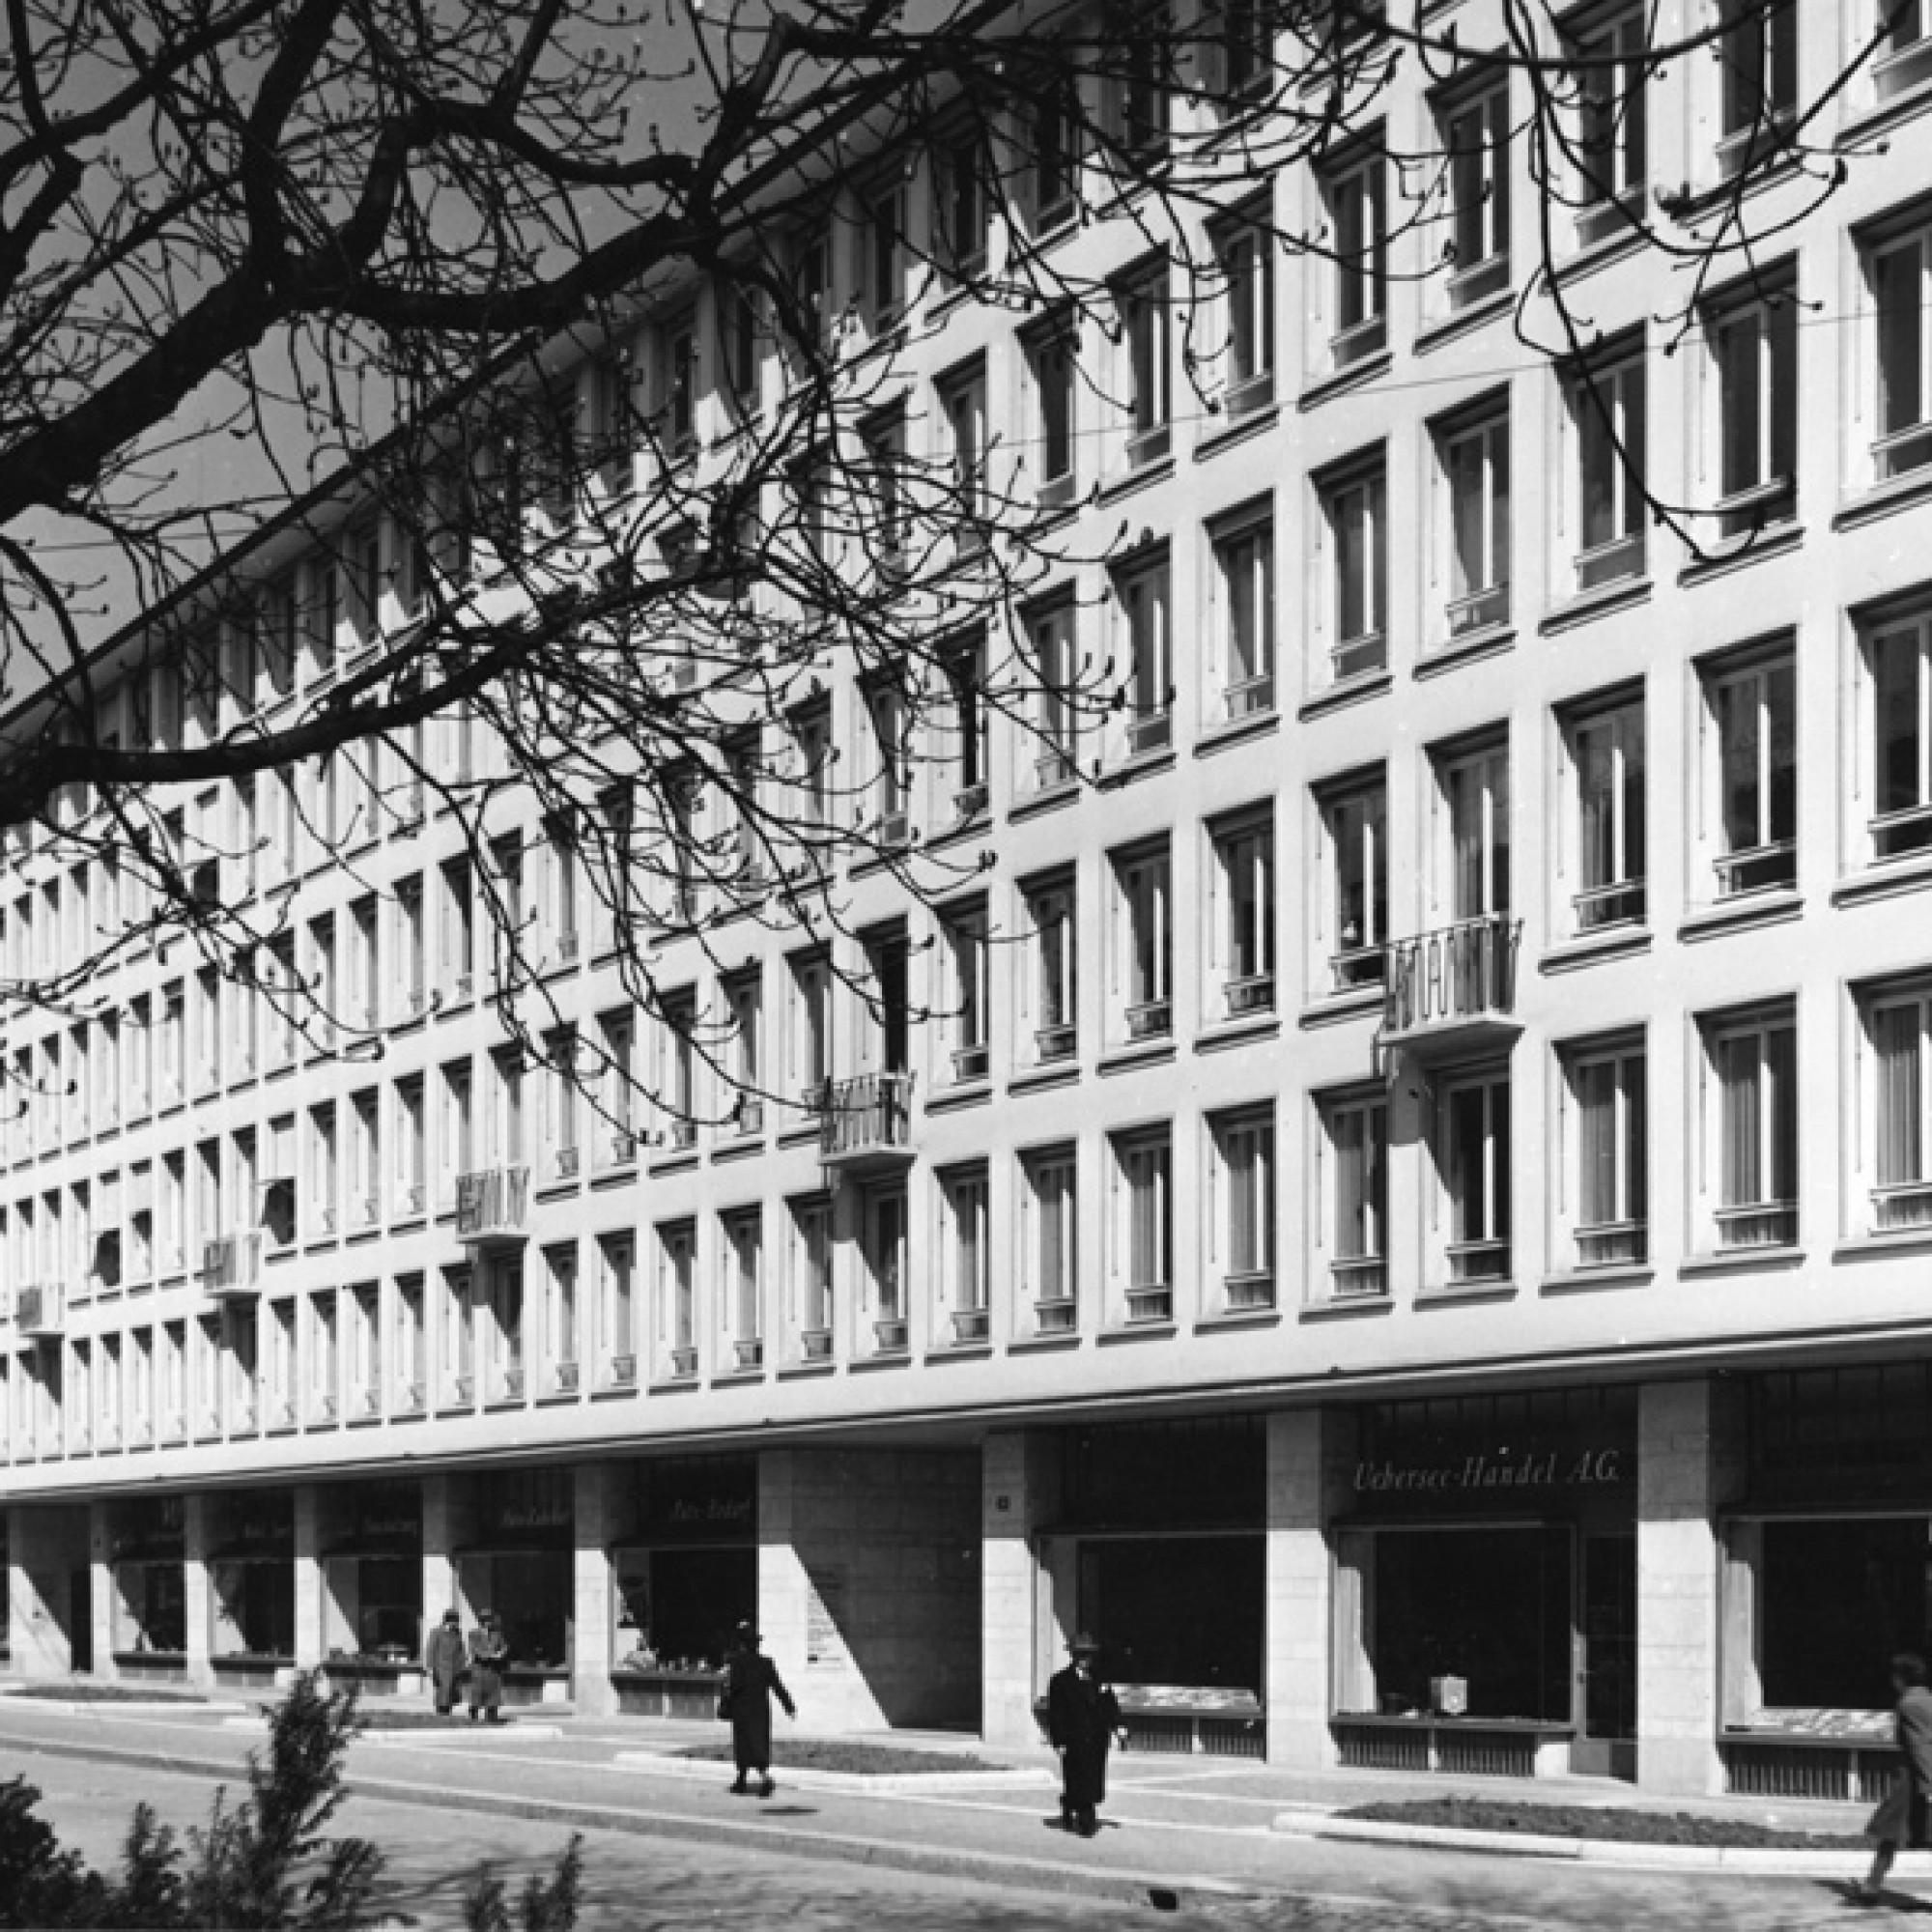 Talstrasse Zürich,1947: Gleich das erste  von Karl Steiner  gebaute Büro- und  Geschäftshaus erhält  die Auszeichnung  guter Bauten  der Stadt.  (Bild aus Steiner-Jubiläumsbuch)